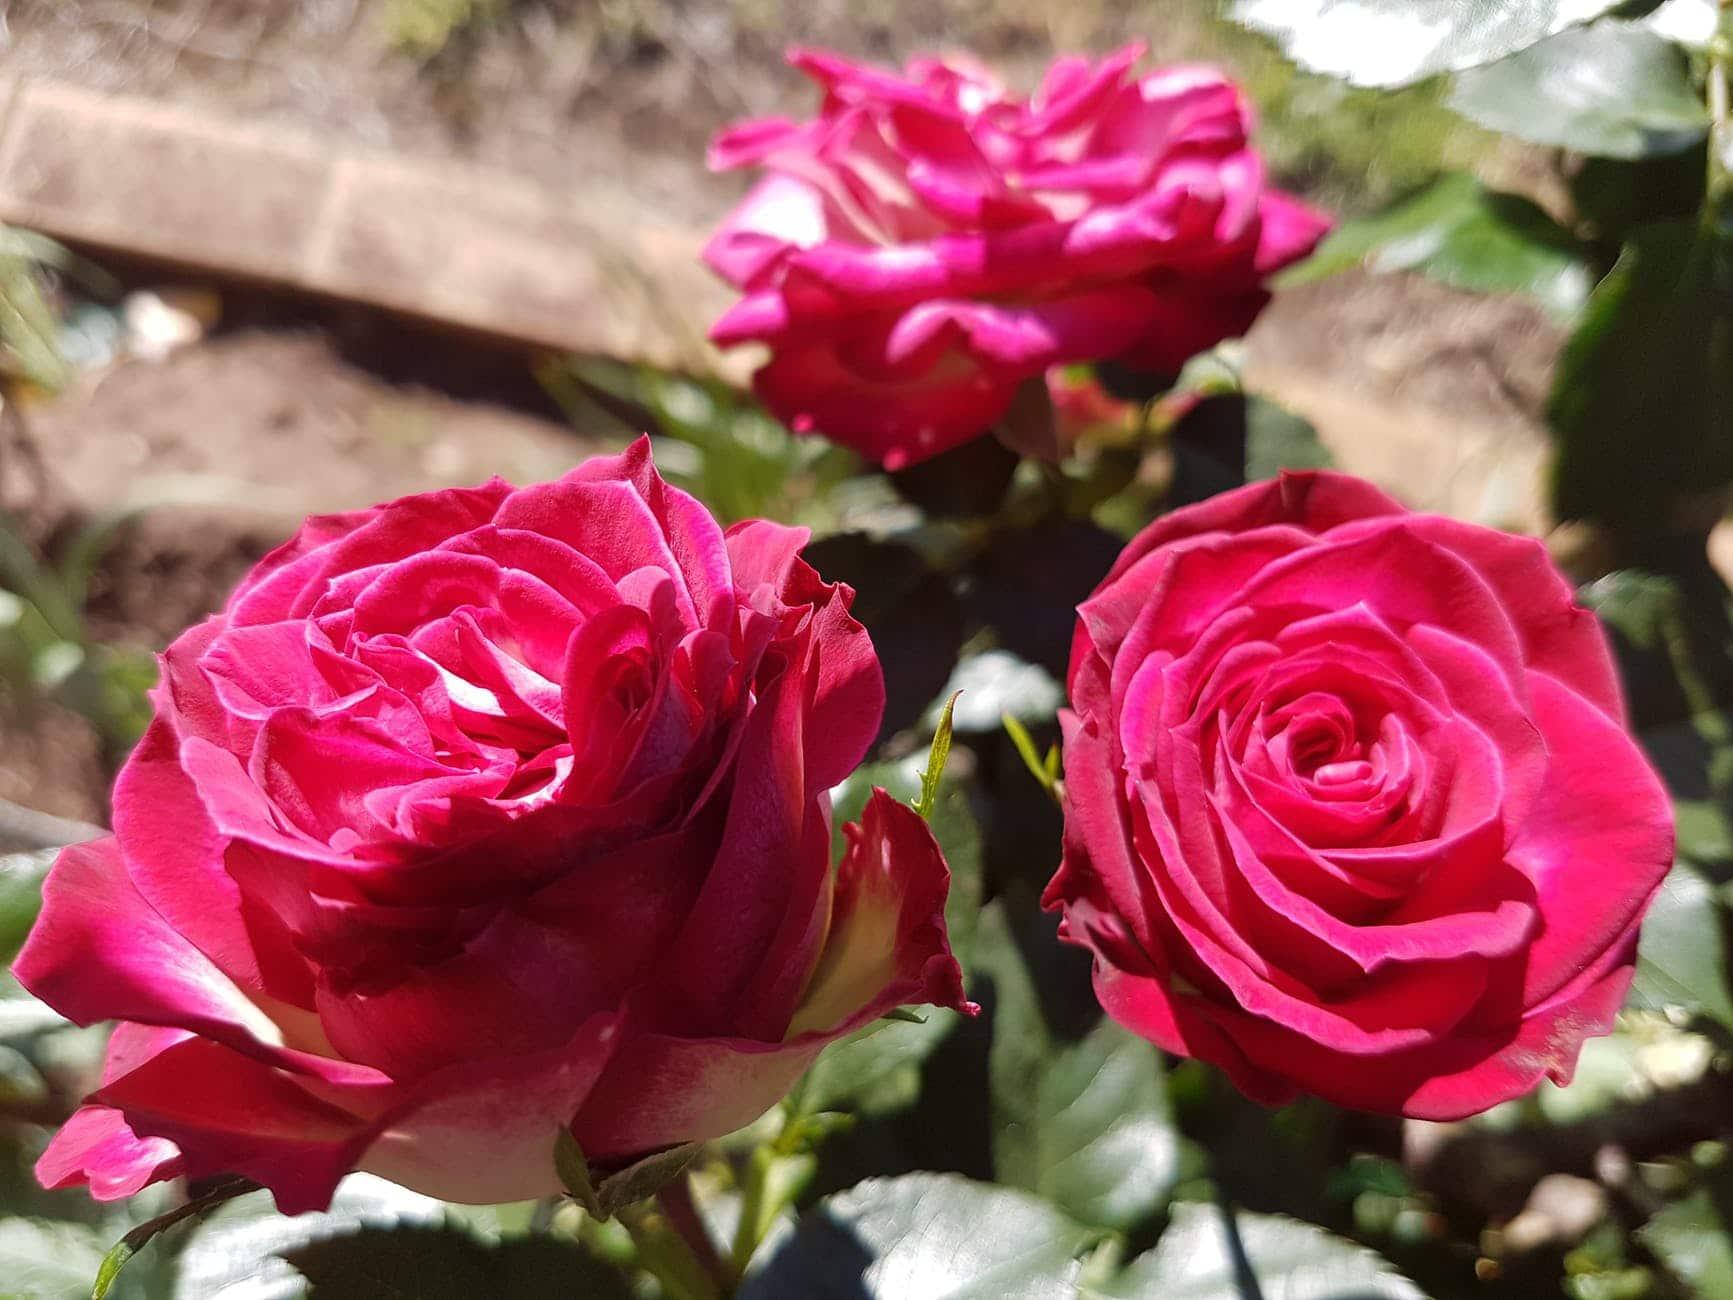 Los rosales se trasplantan cada dos años